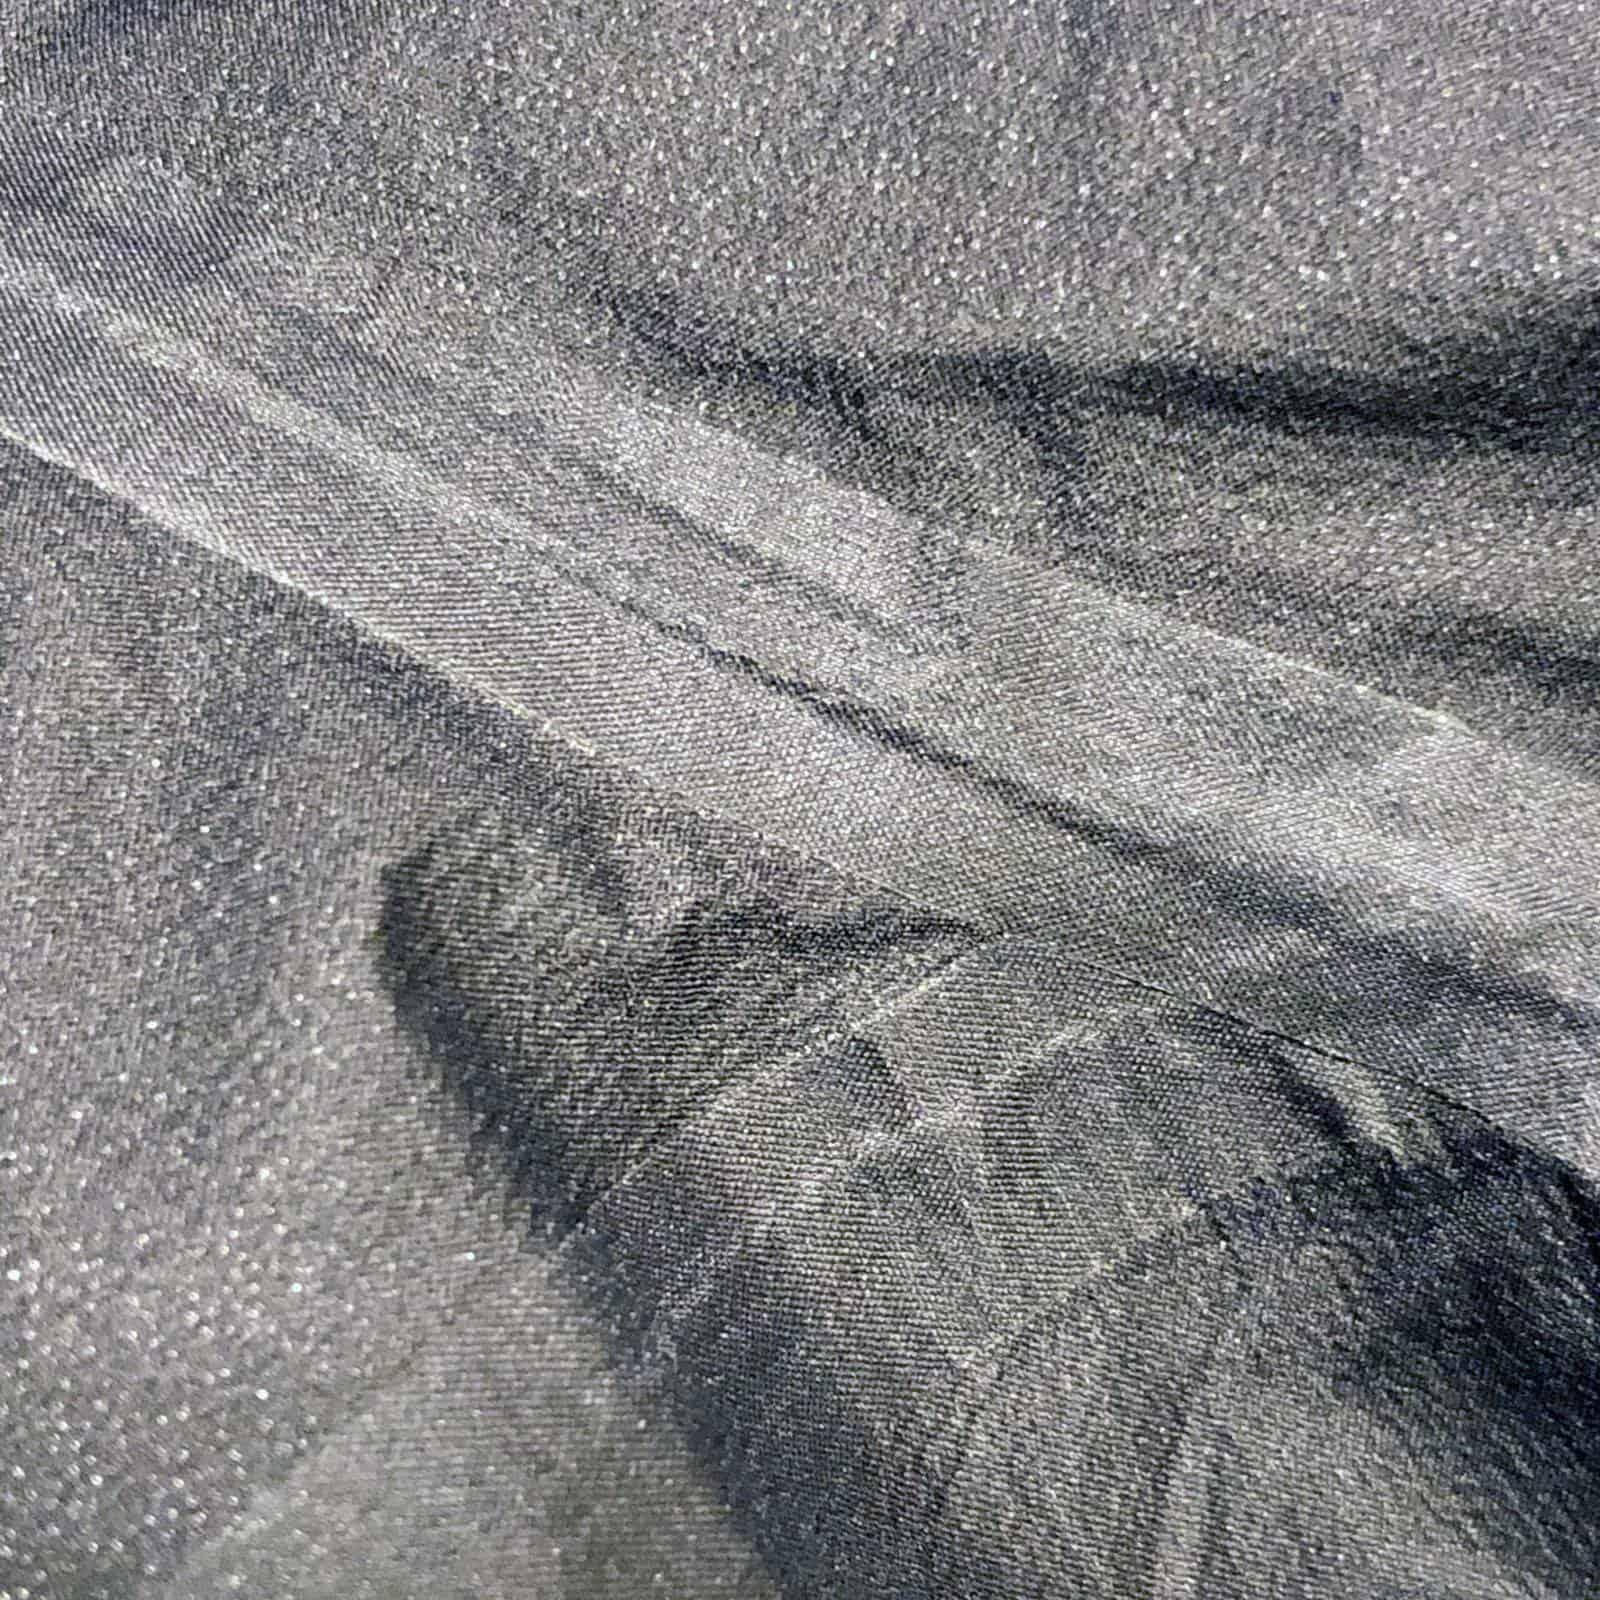 La fodera interna della Montura Flyaway, morbida al contatto con la pelle